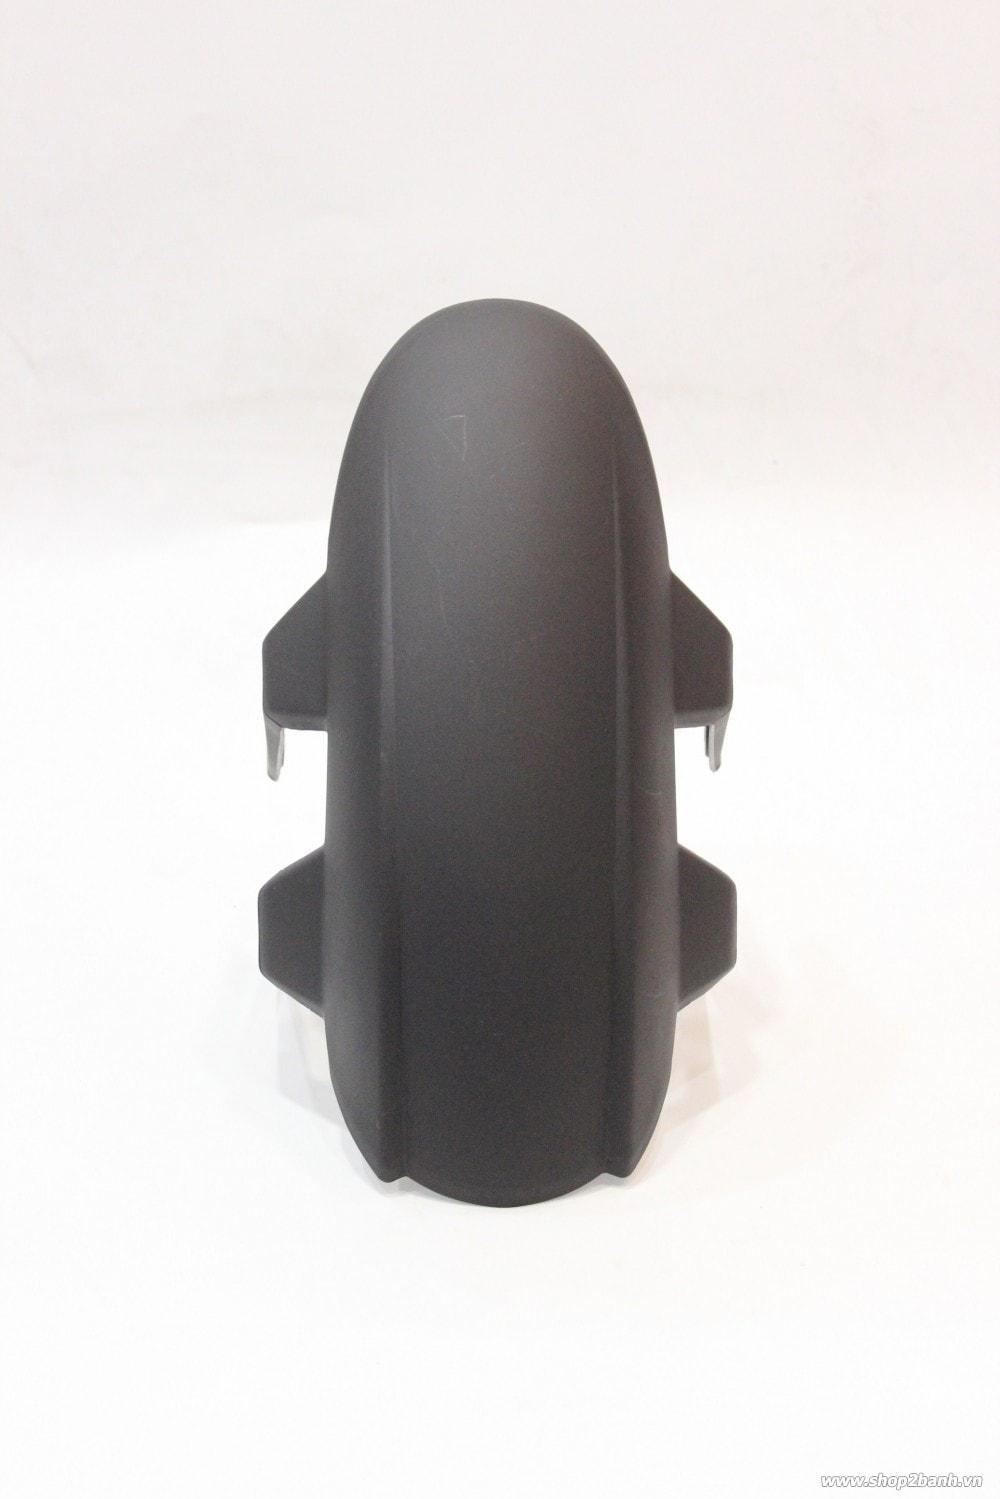 Chắn bùn nhựa 4 chân yamaha exciter - 2